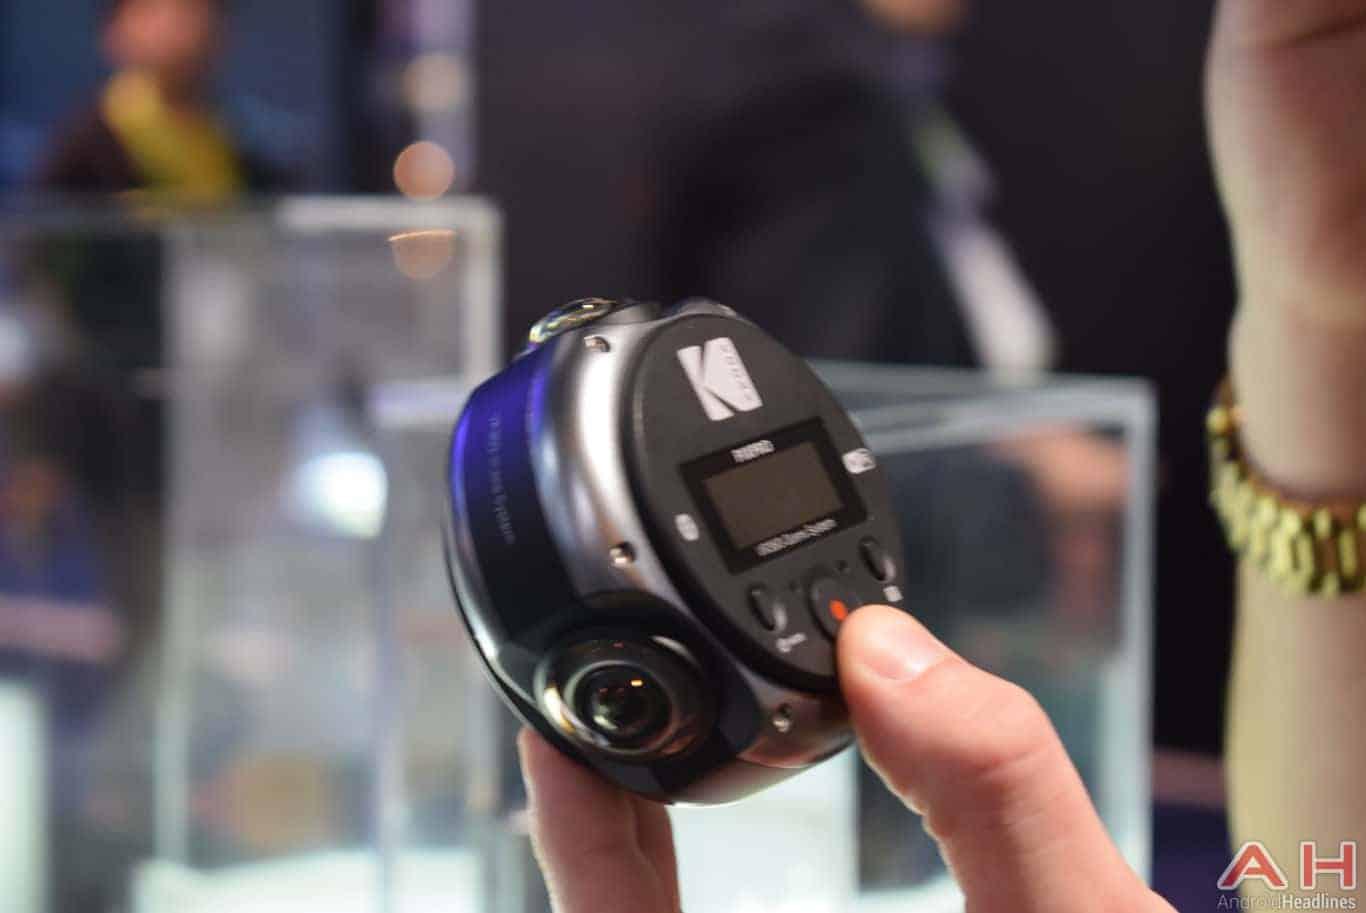 Kodak PIXPRO 360 Pro VR Camera CES 2018 AH 6